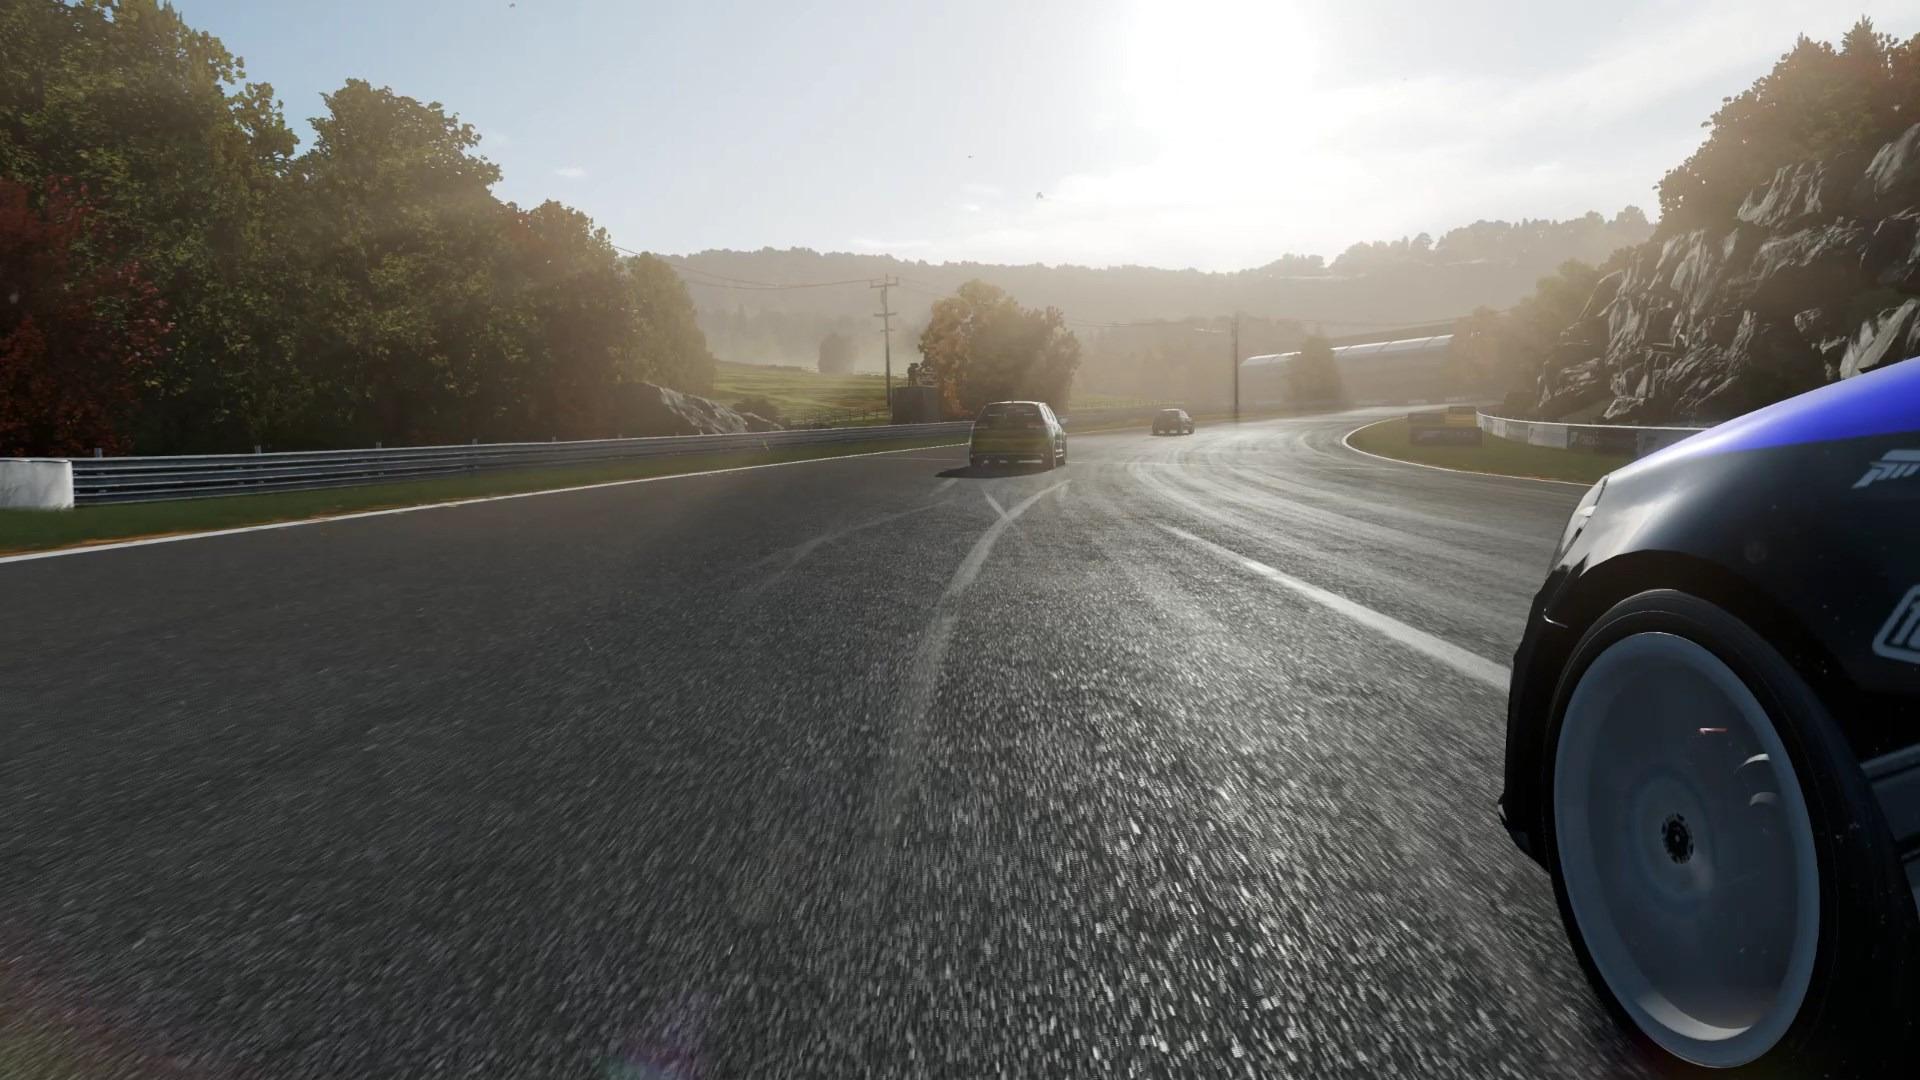 強い日差しから溢れる光がサーキットと車を照らす